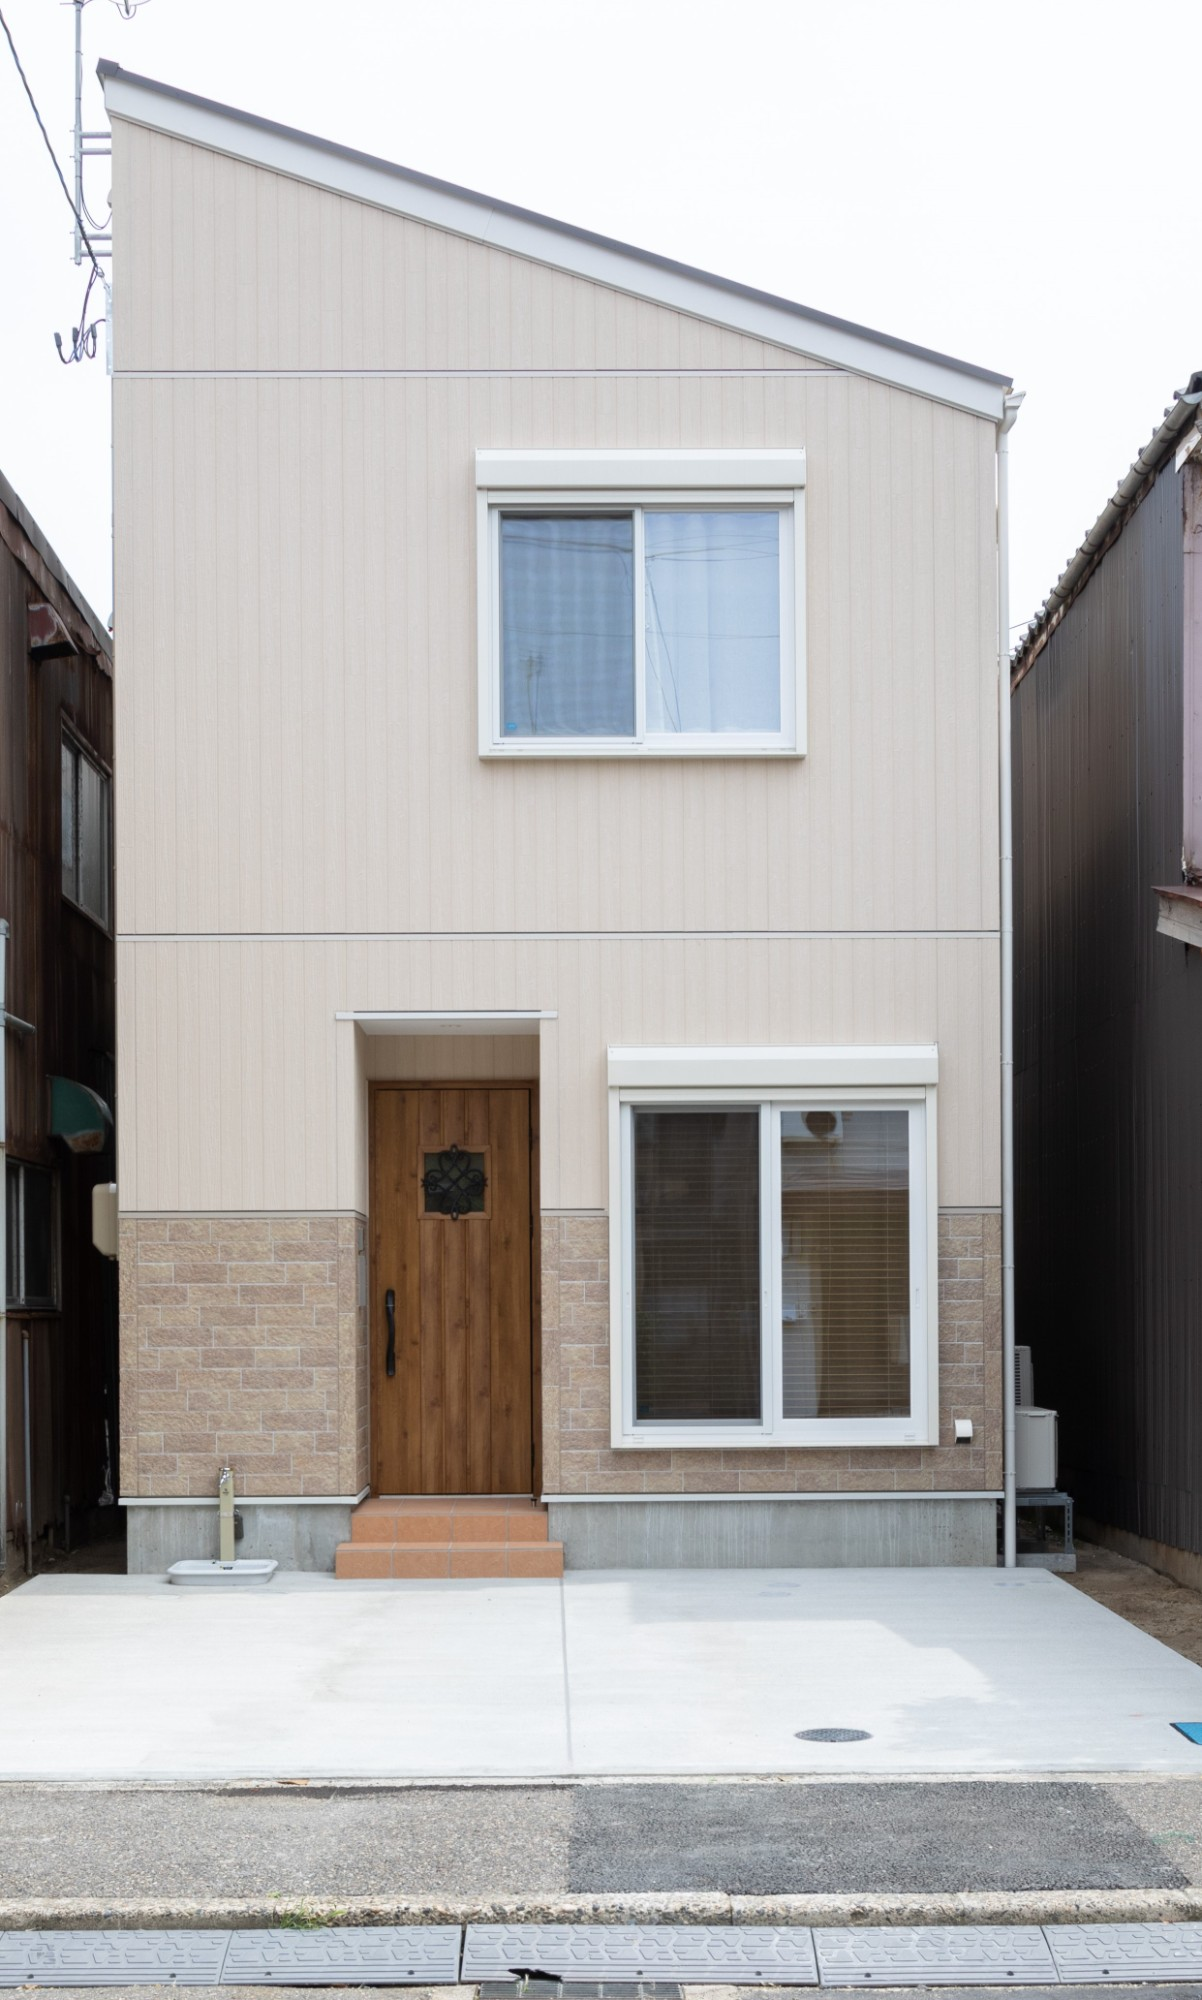 新潟材協 クオリティハウス「小さな土地で叶えた、コダワリとゆとりのある暮らし」のシンプル・ナチュラルな外観の実例写真